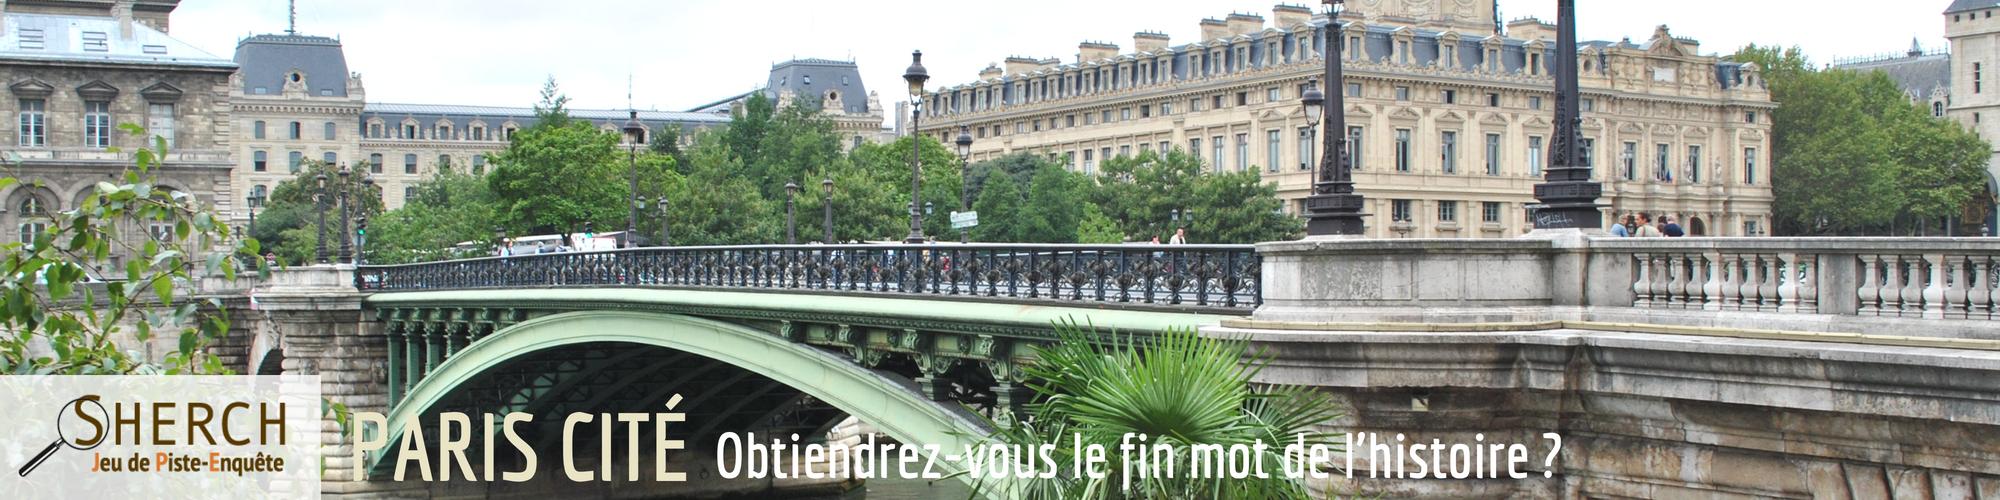 SHERCH enquete Paris cité